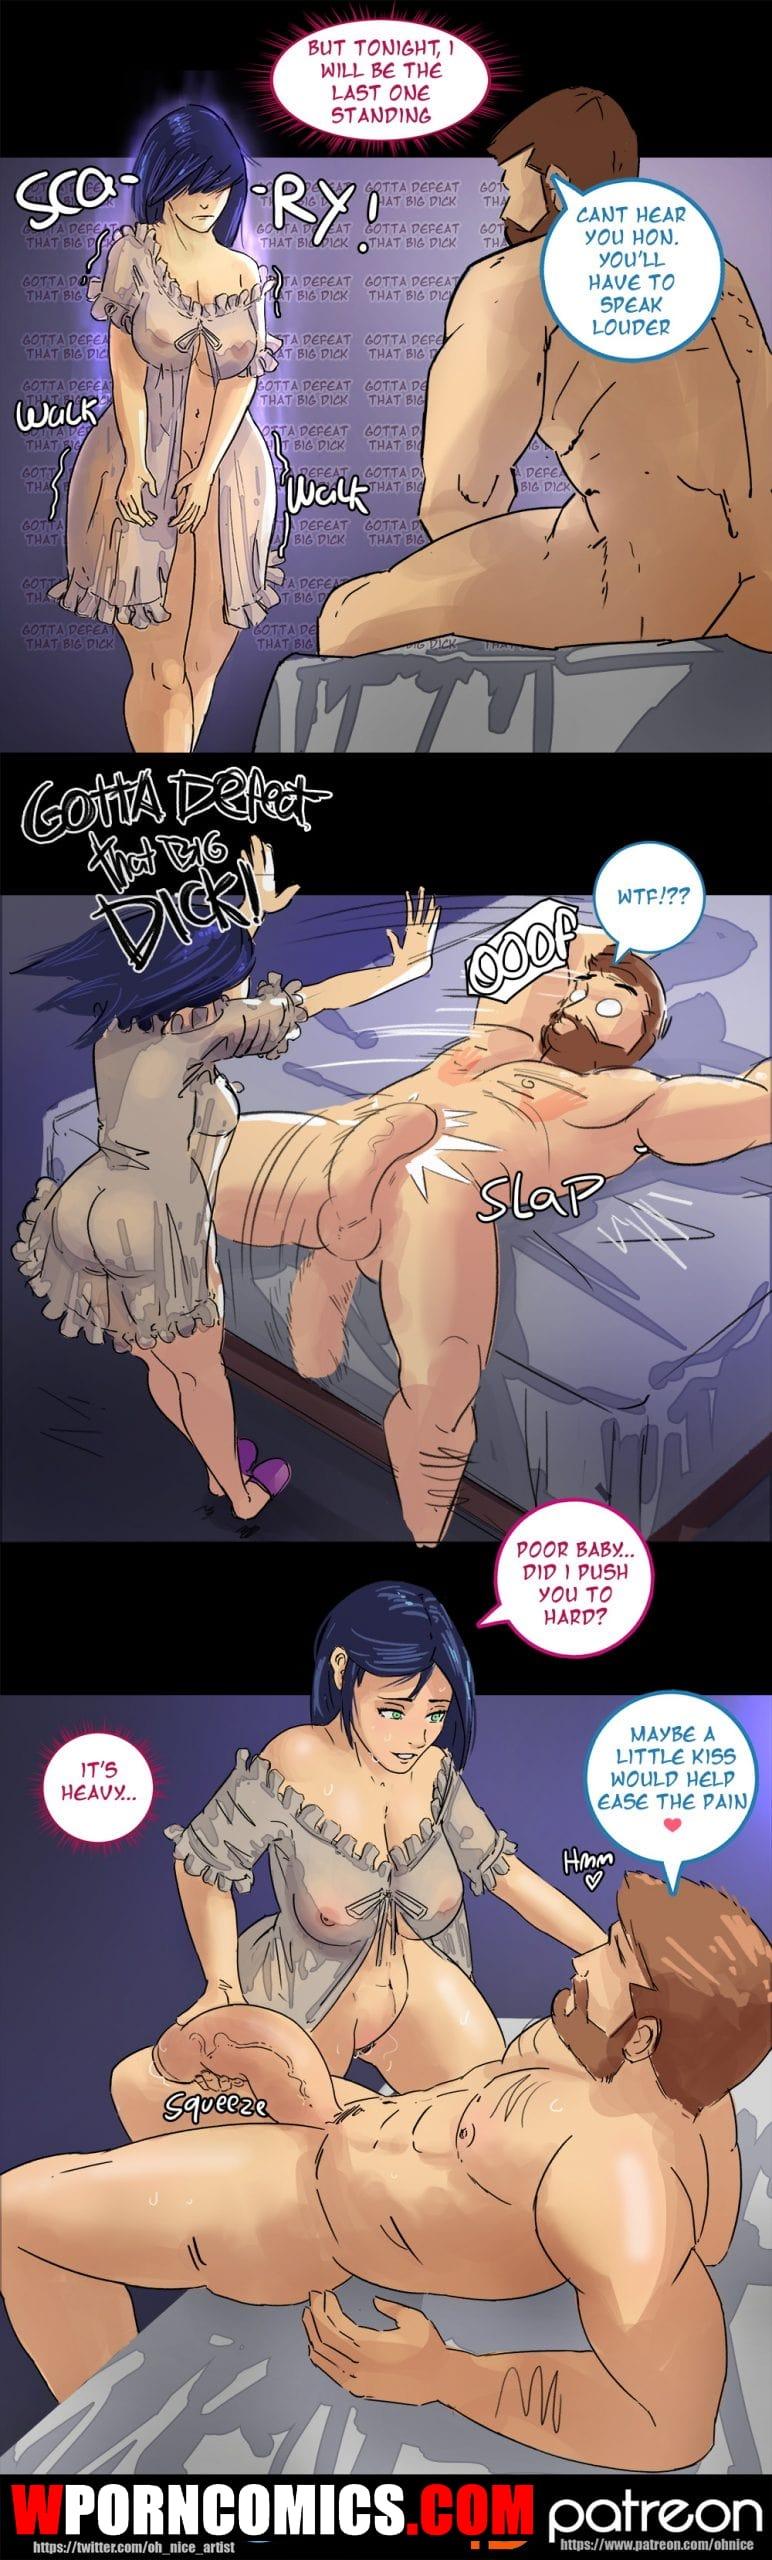 porn-comic-insatiable-husband-part-1-2020-02-11/porn-comic-insatiable-husband-part-1-2020-02-11-11357.jpg